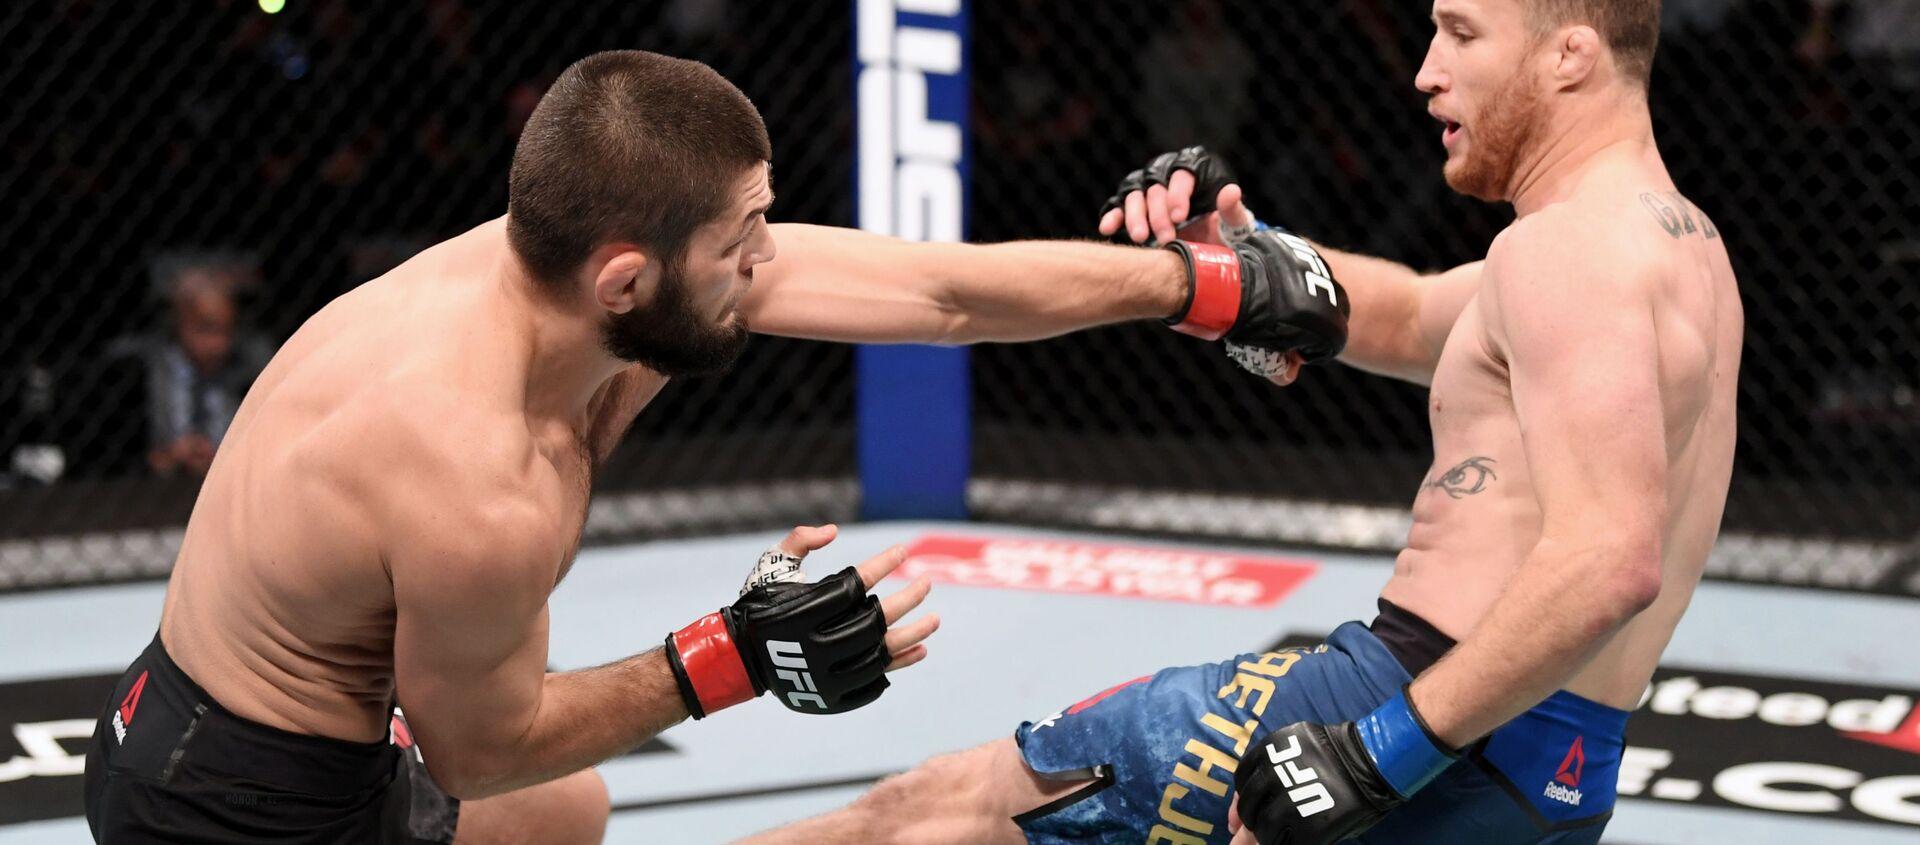 Хабиб Нурмагомедов защитил титул чемпиона UFC в легком весе - Sputnik Таджикистан, 1920, 01.11.2020